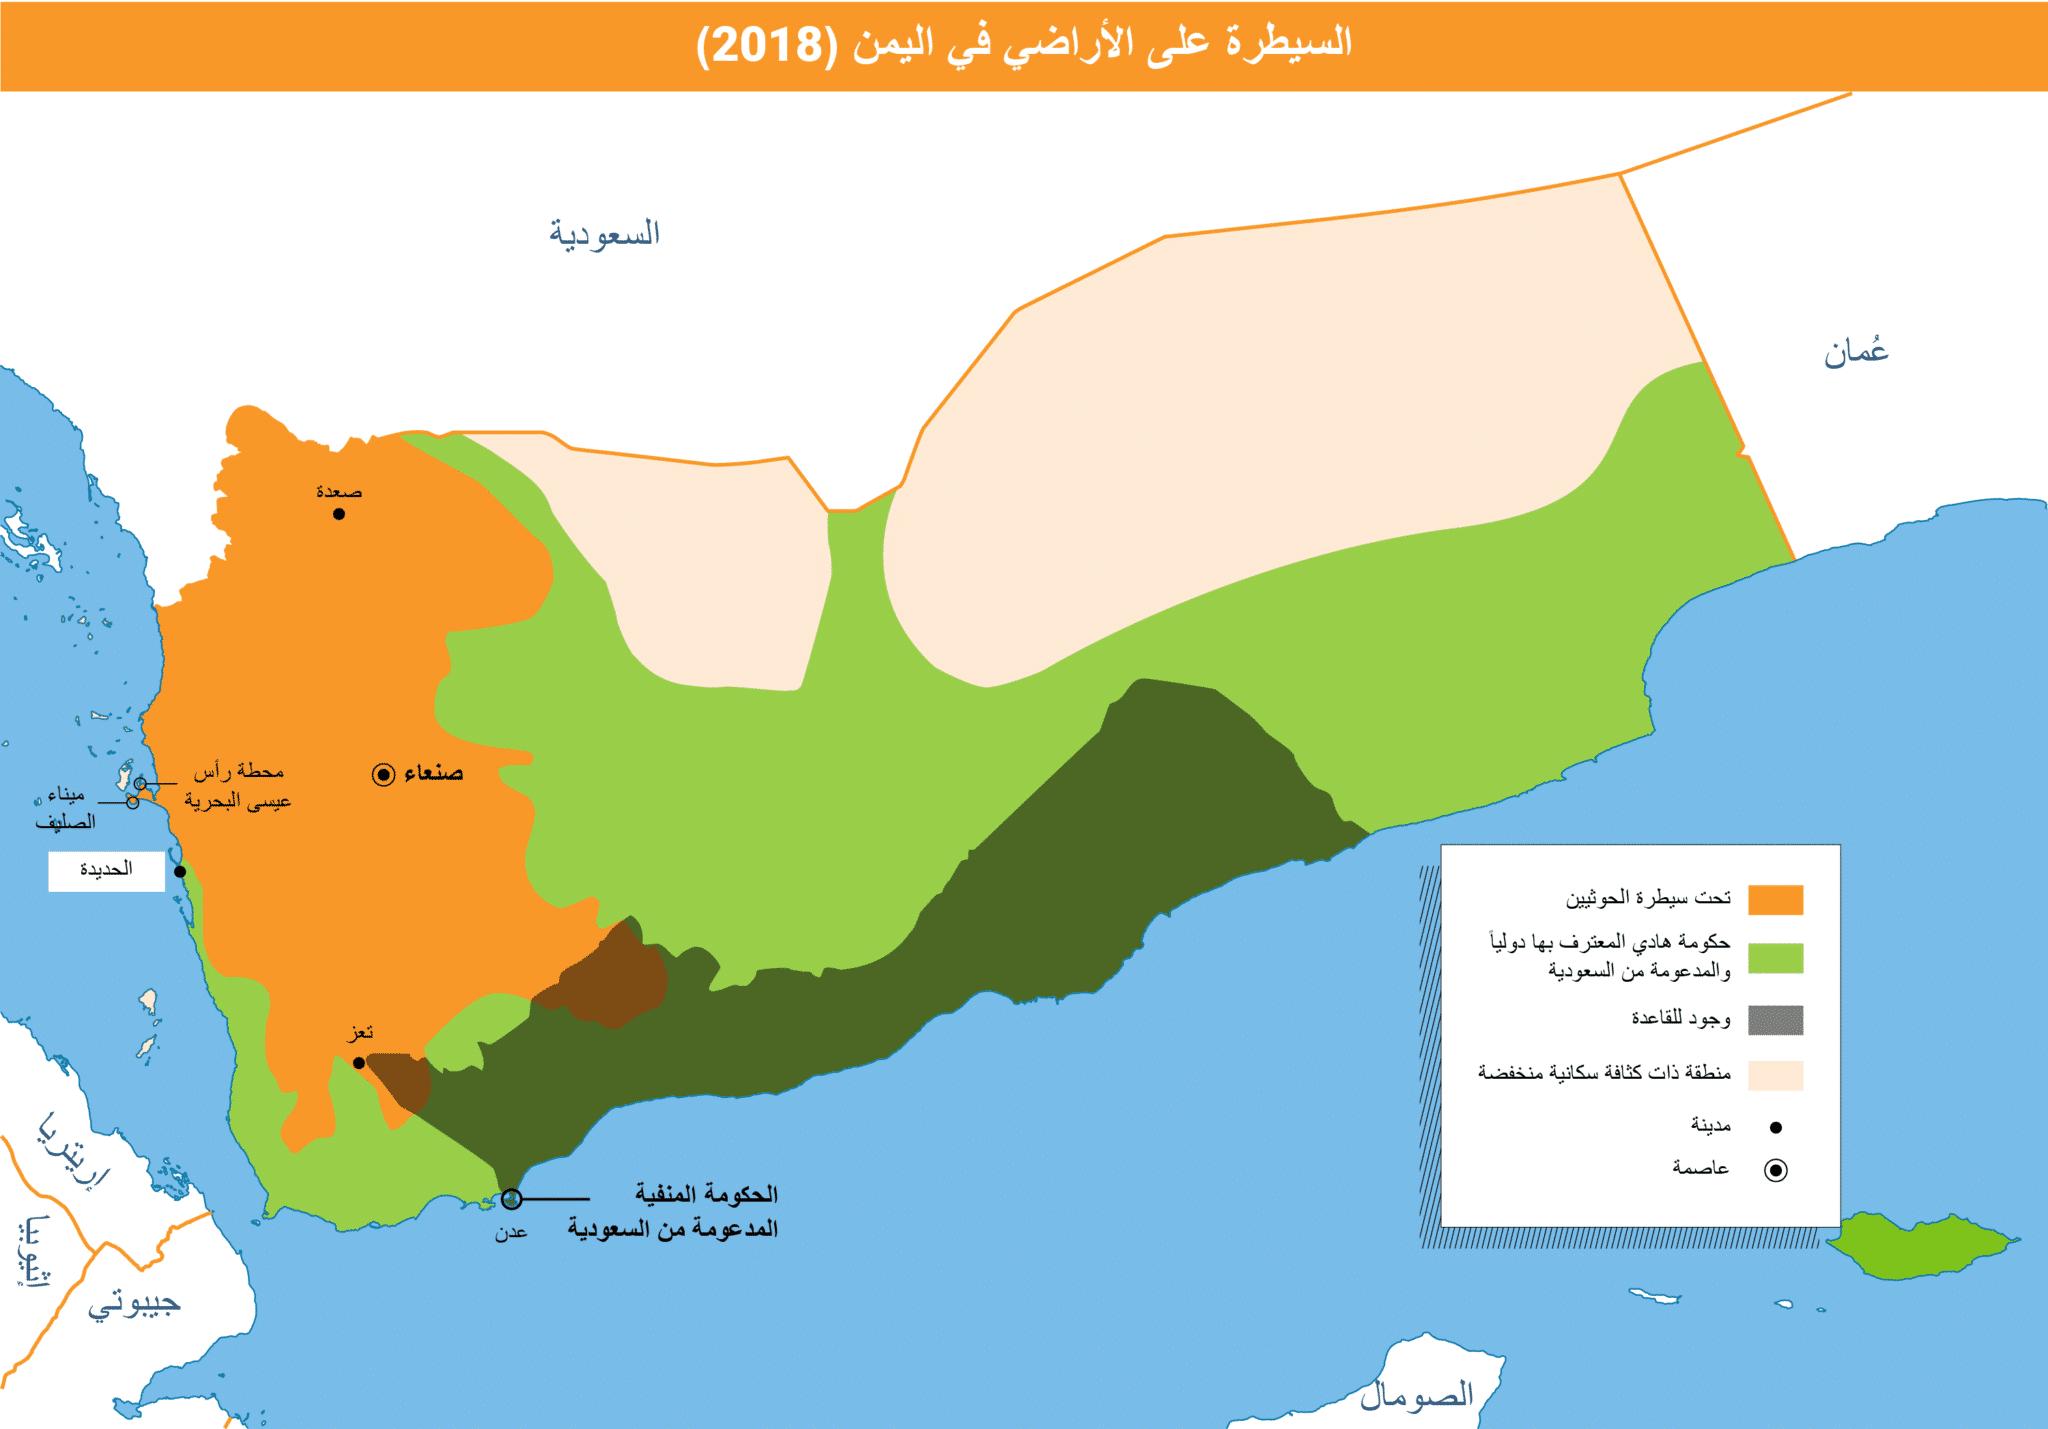 yemen- Hodeidah